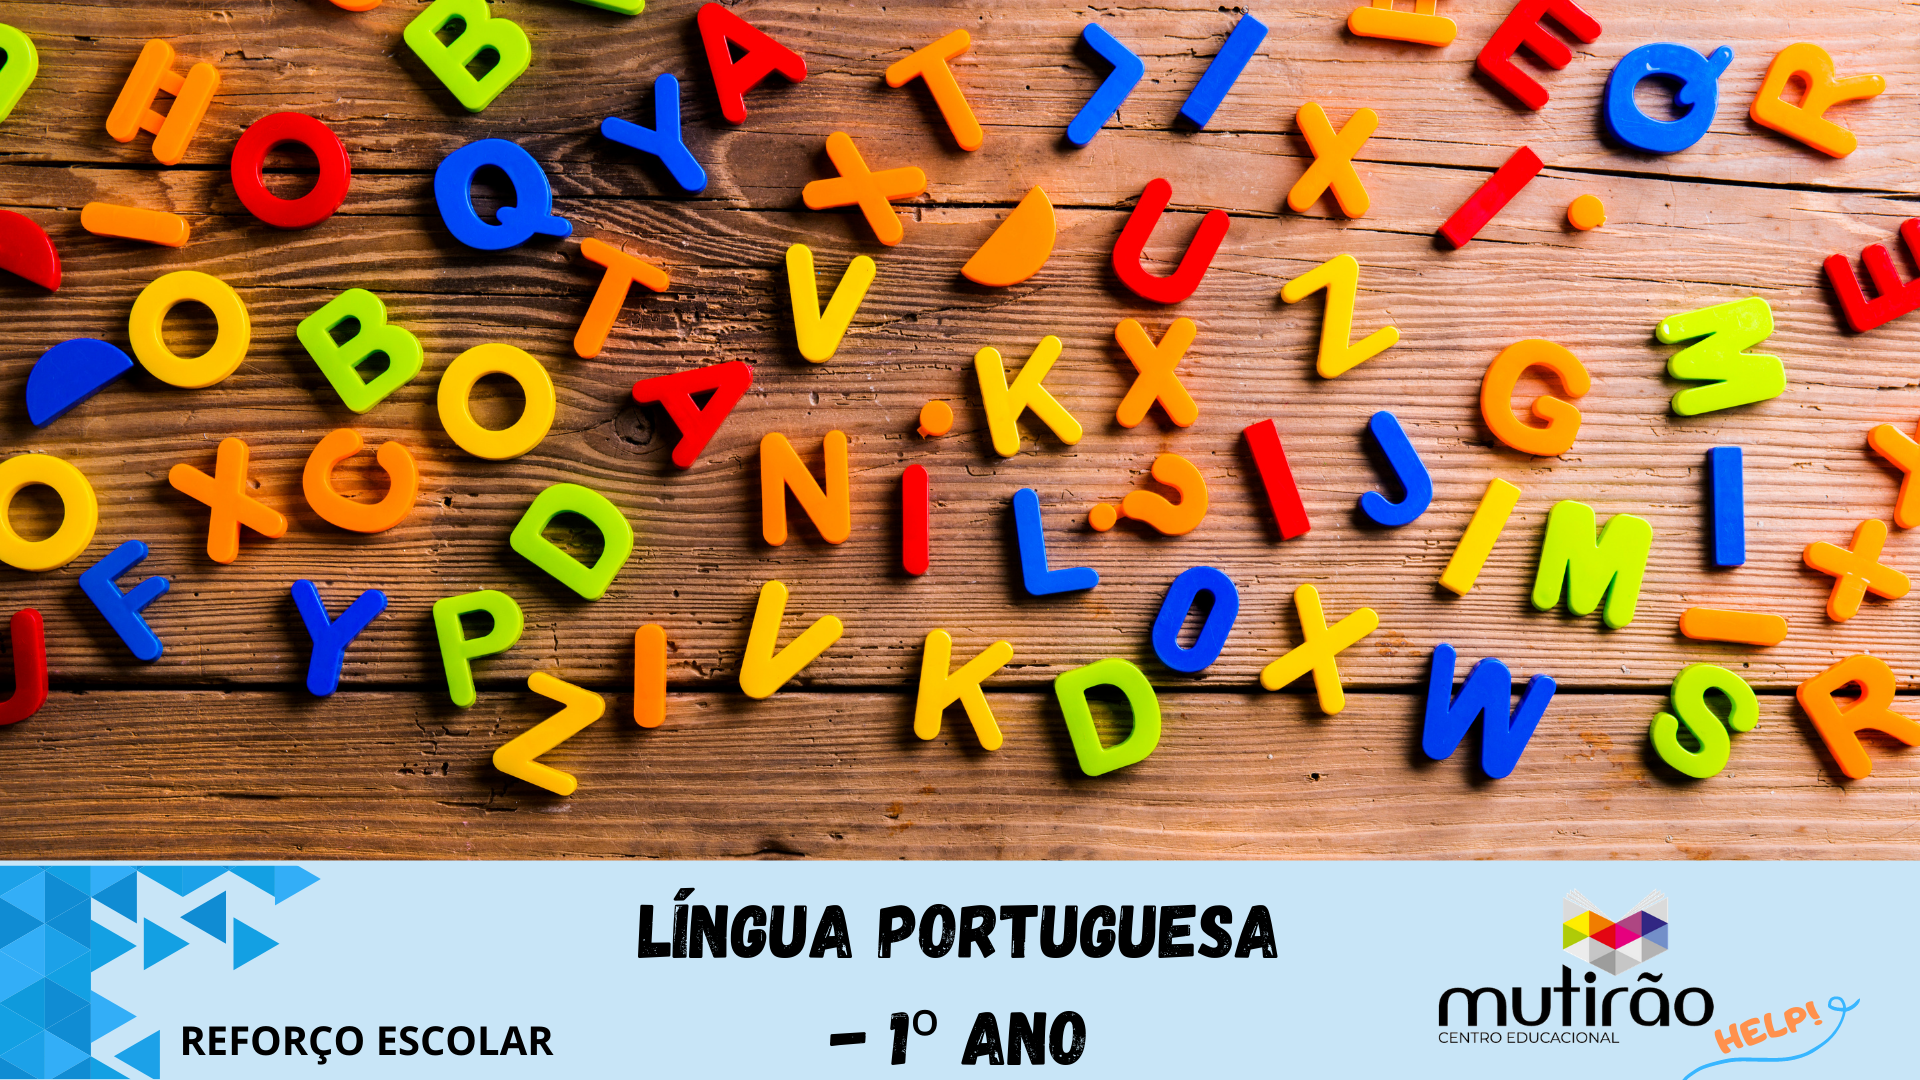 Mutirão Help ! Reforço Escolar 1º ano - LÍNGUA PORTUGUESA